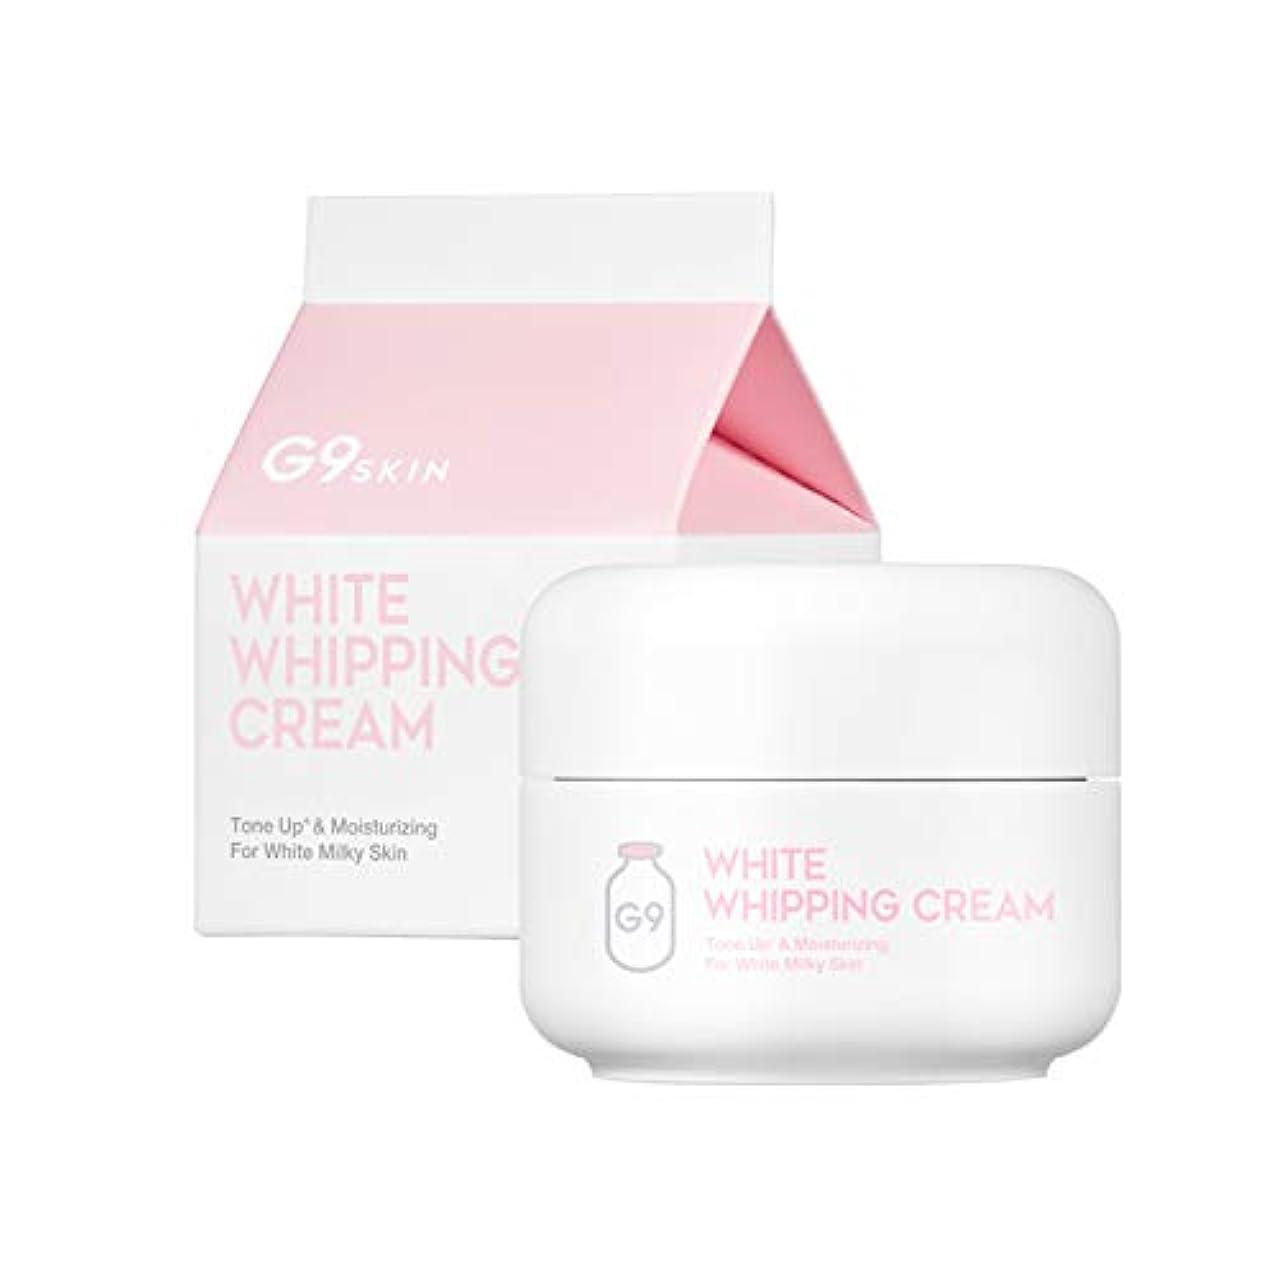 プレゼンターびっくりしたタイムリーなG9SKIN(ベリサム) ホワイト イン 生クリーム WHITE IN WHIPPING CREAM 50g